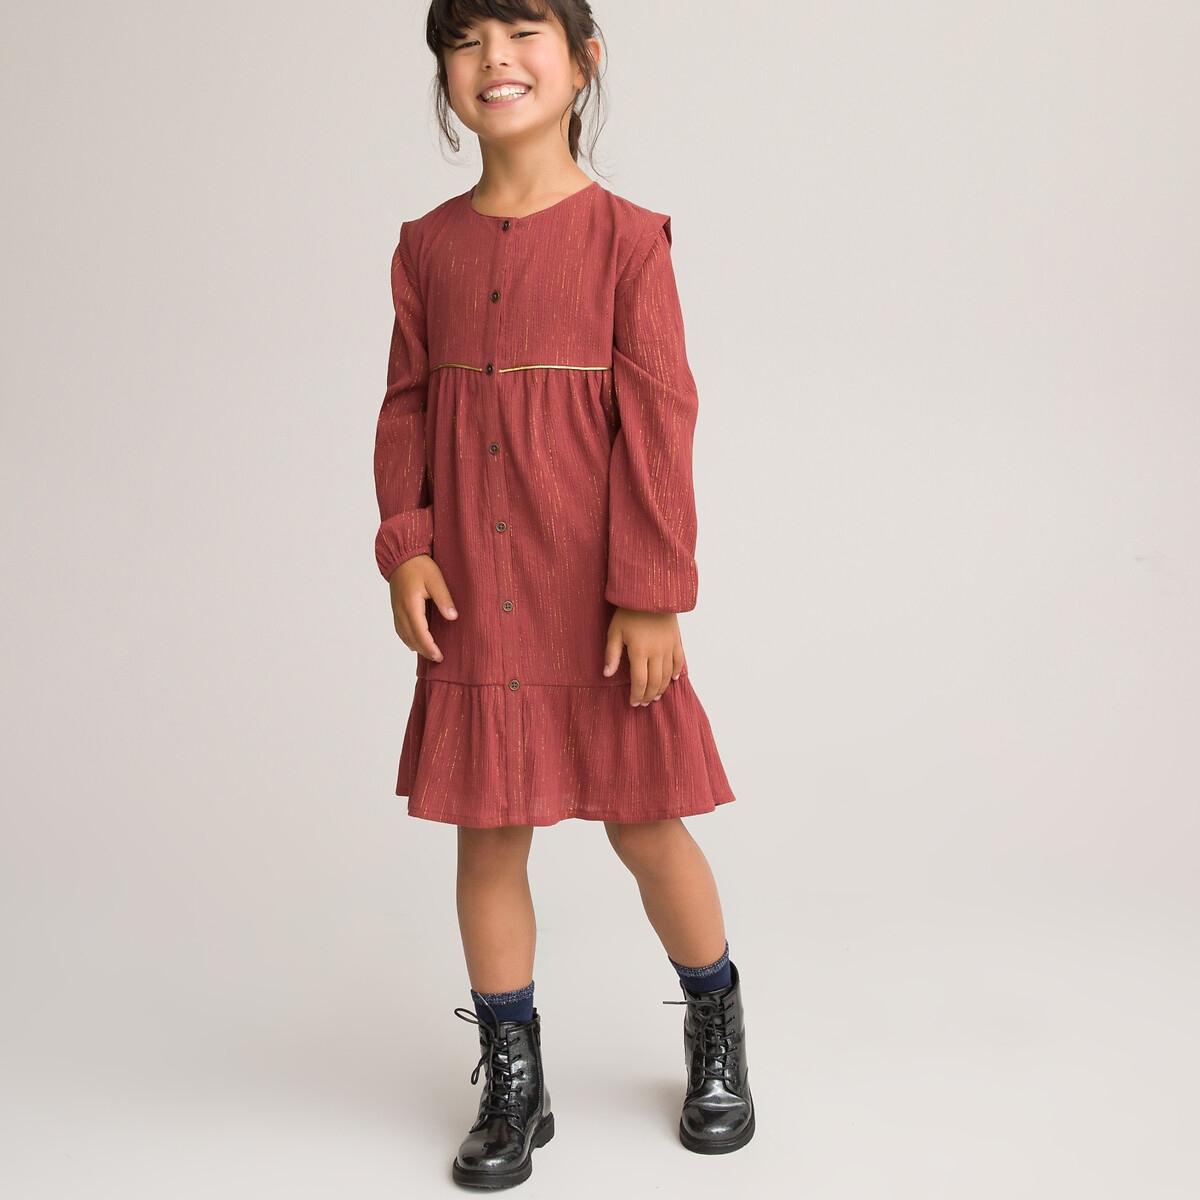 Фото - Платье LaRedoute Из хлопчатобумажной газовой ткани 3-12 лет 12 лет -150 см каштановый платье laredoute с короткими рукавами из хлопчатобумажной газовой ткани 3 12 лет 3 года 94 см розовый